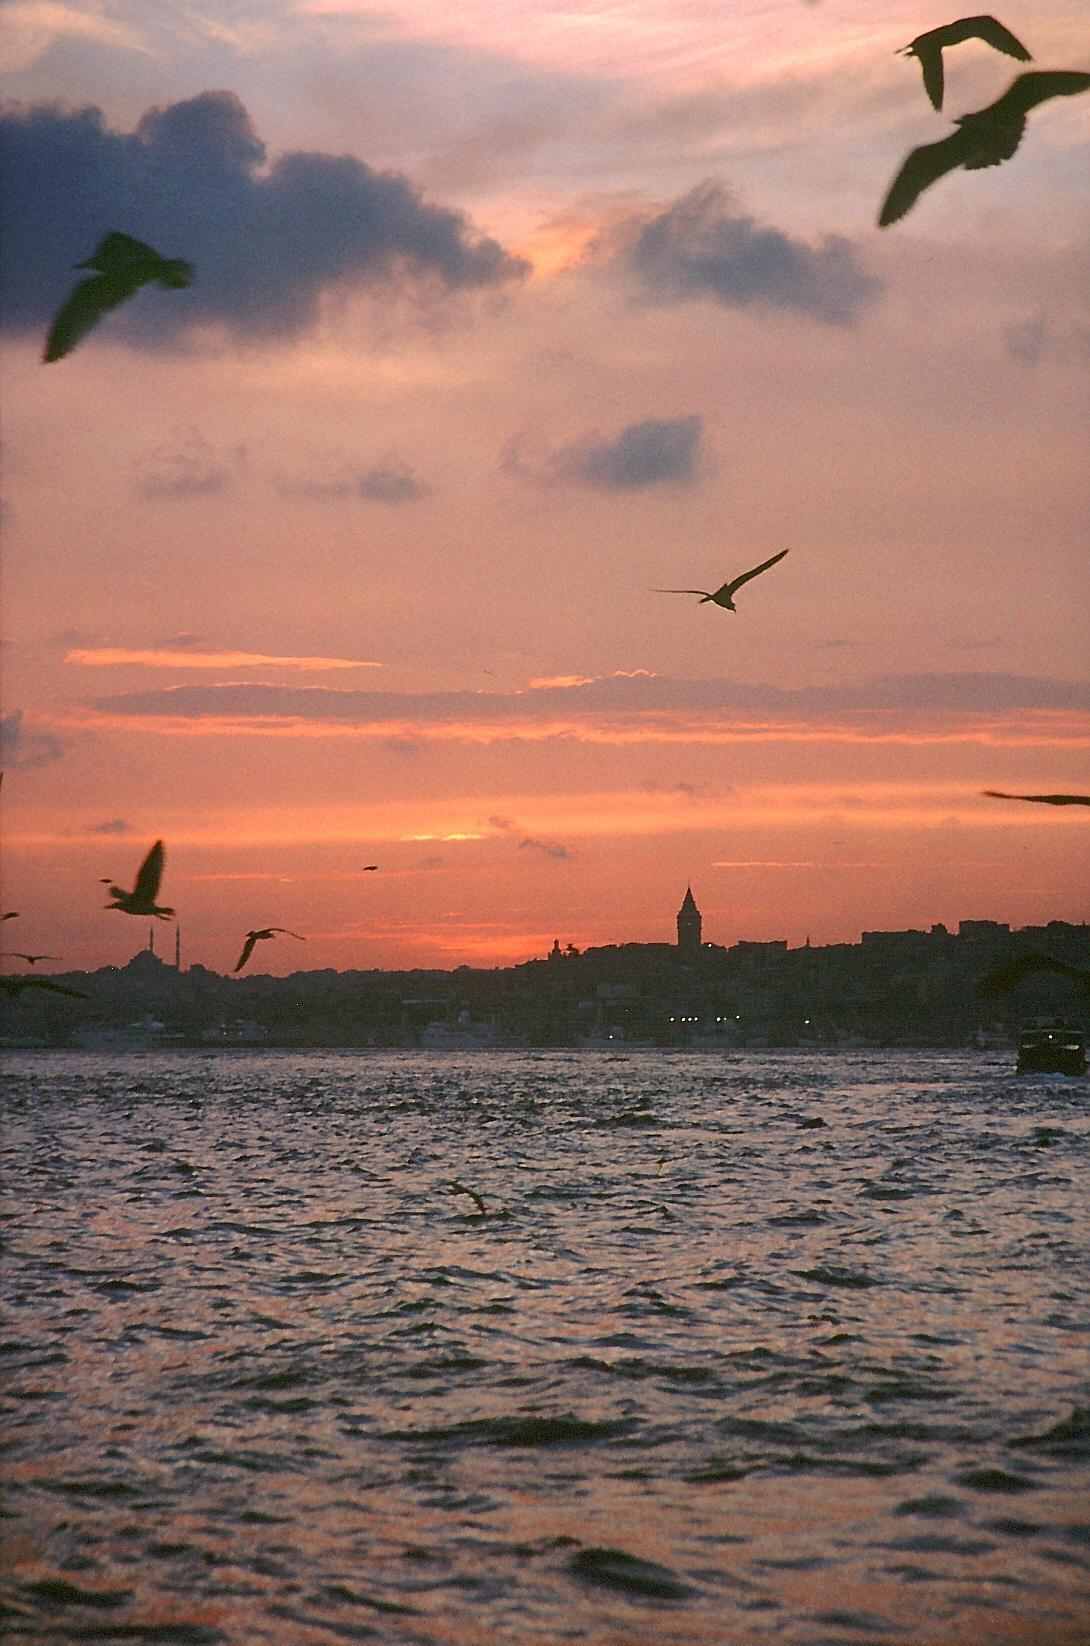 Sonnenuntergang am Goldenen Horn, Istanbul - Quelle: Wikimedia